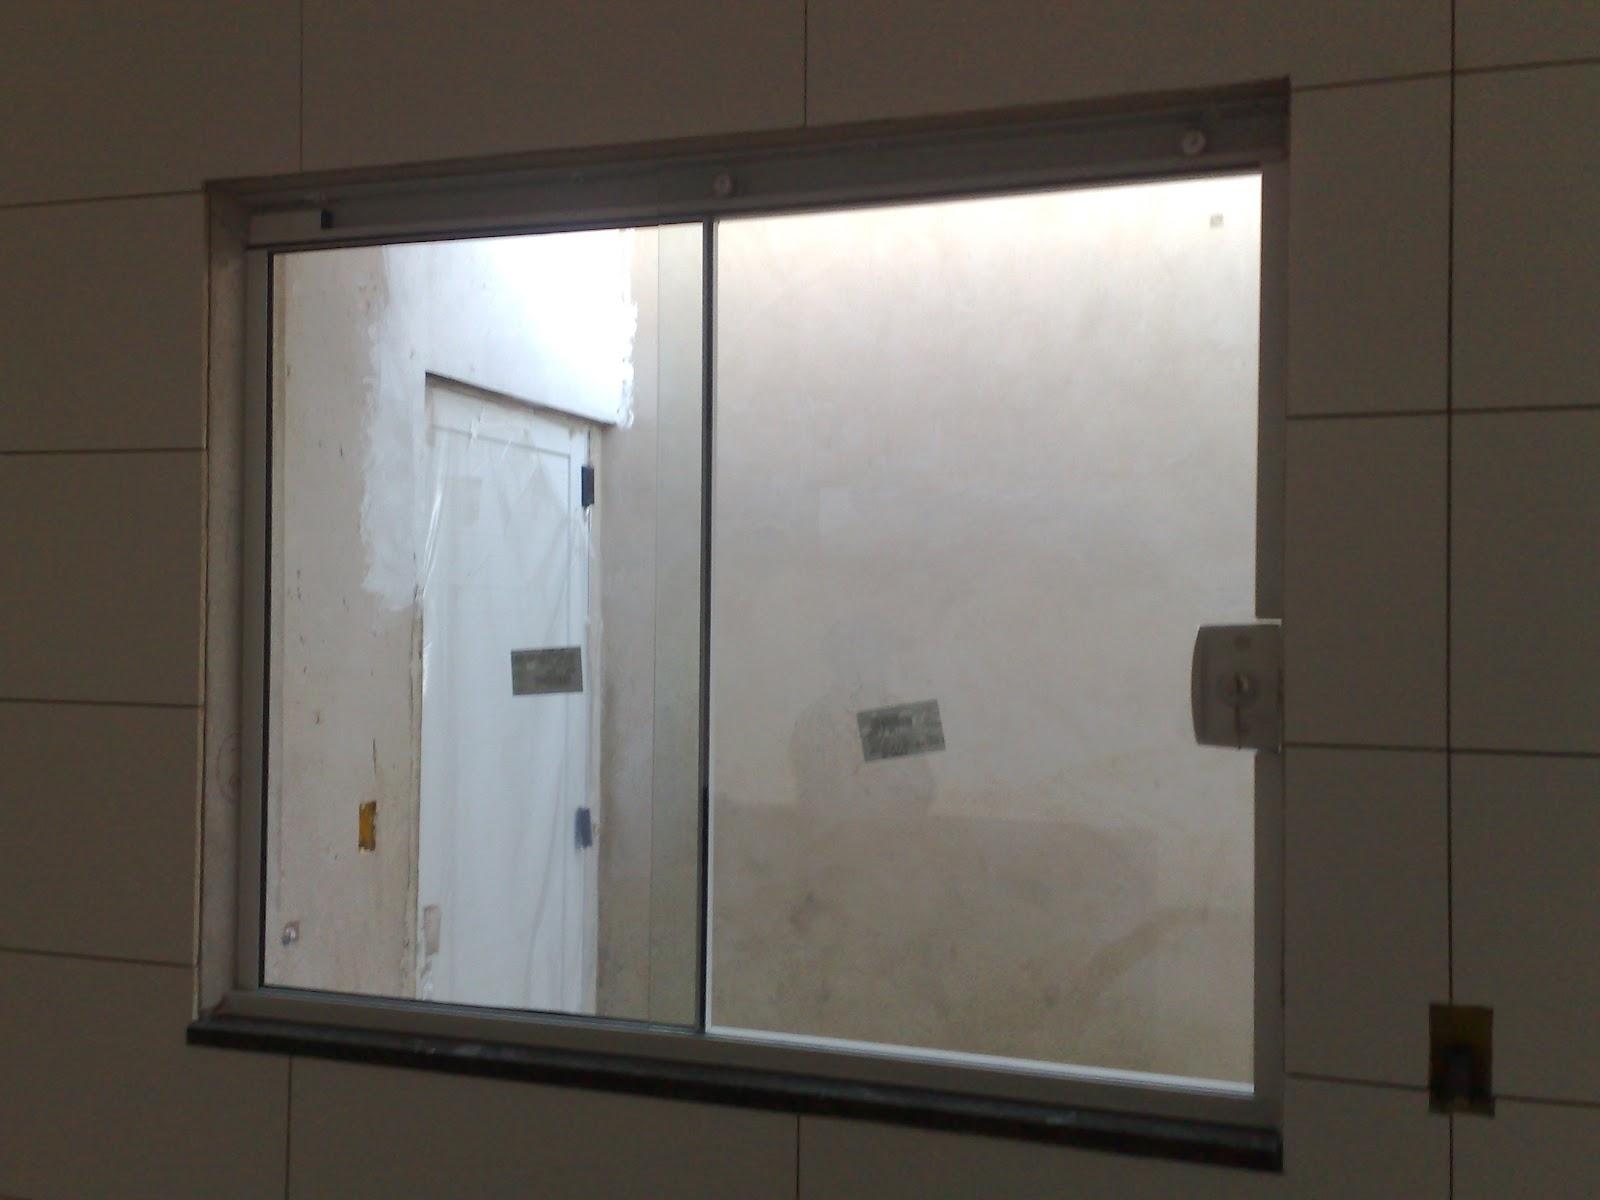 #413930  da minha primeira casa: Vidros Blindex instalados e Porcelanato 1114 Portas E Janelas De Aluminio Para Cozinha